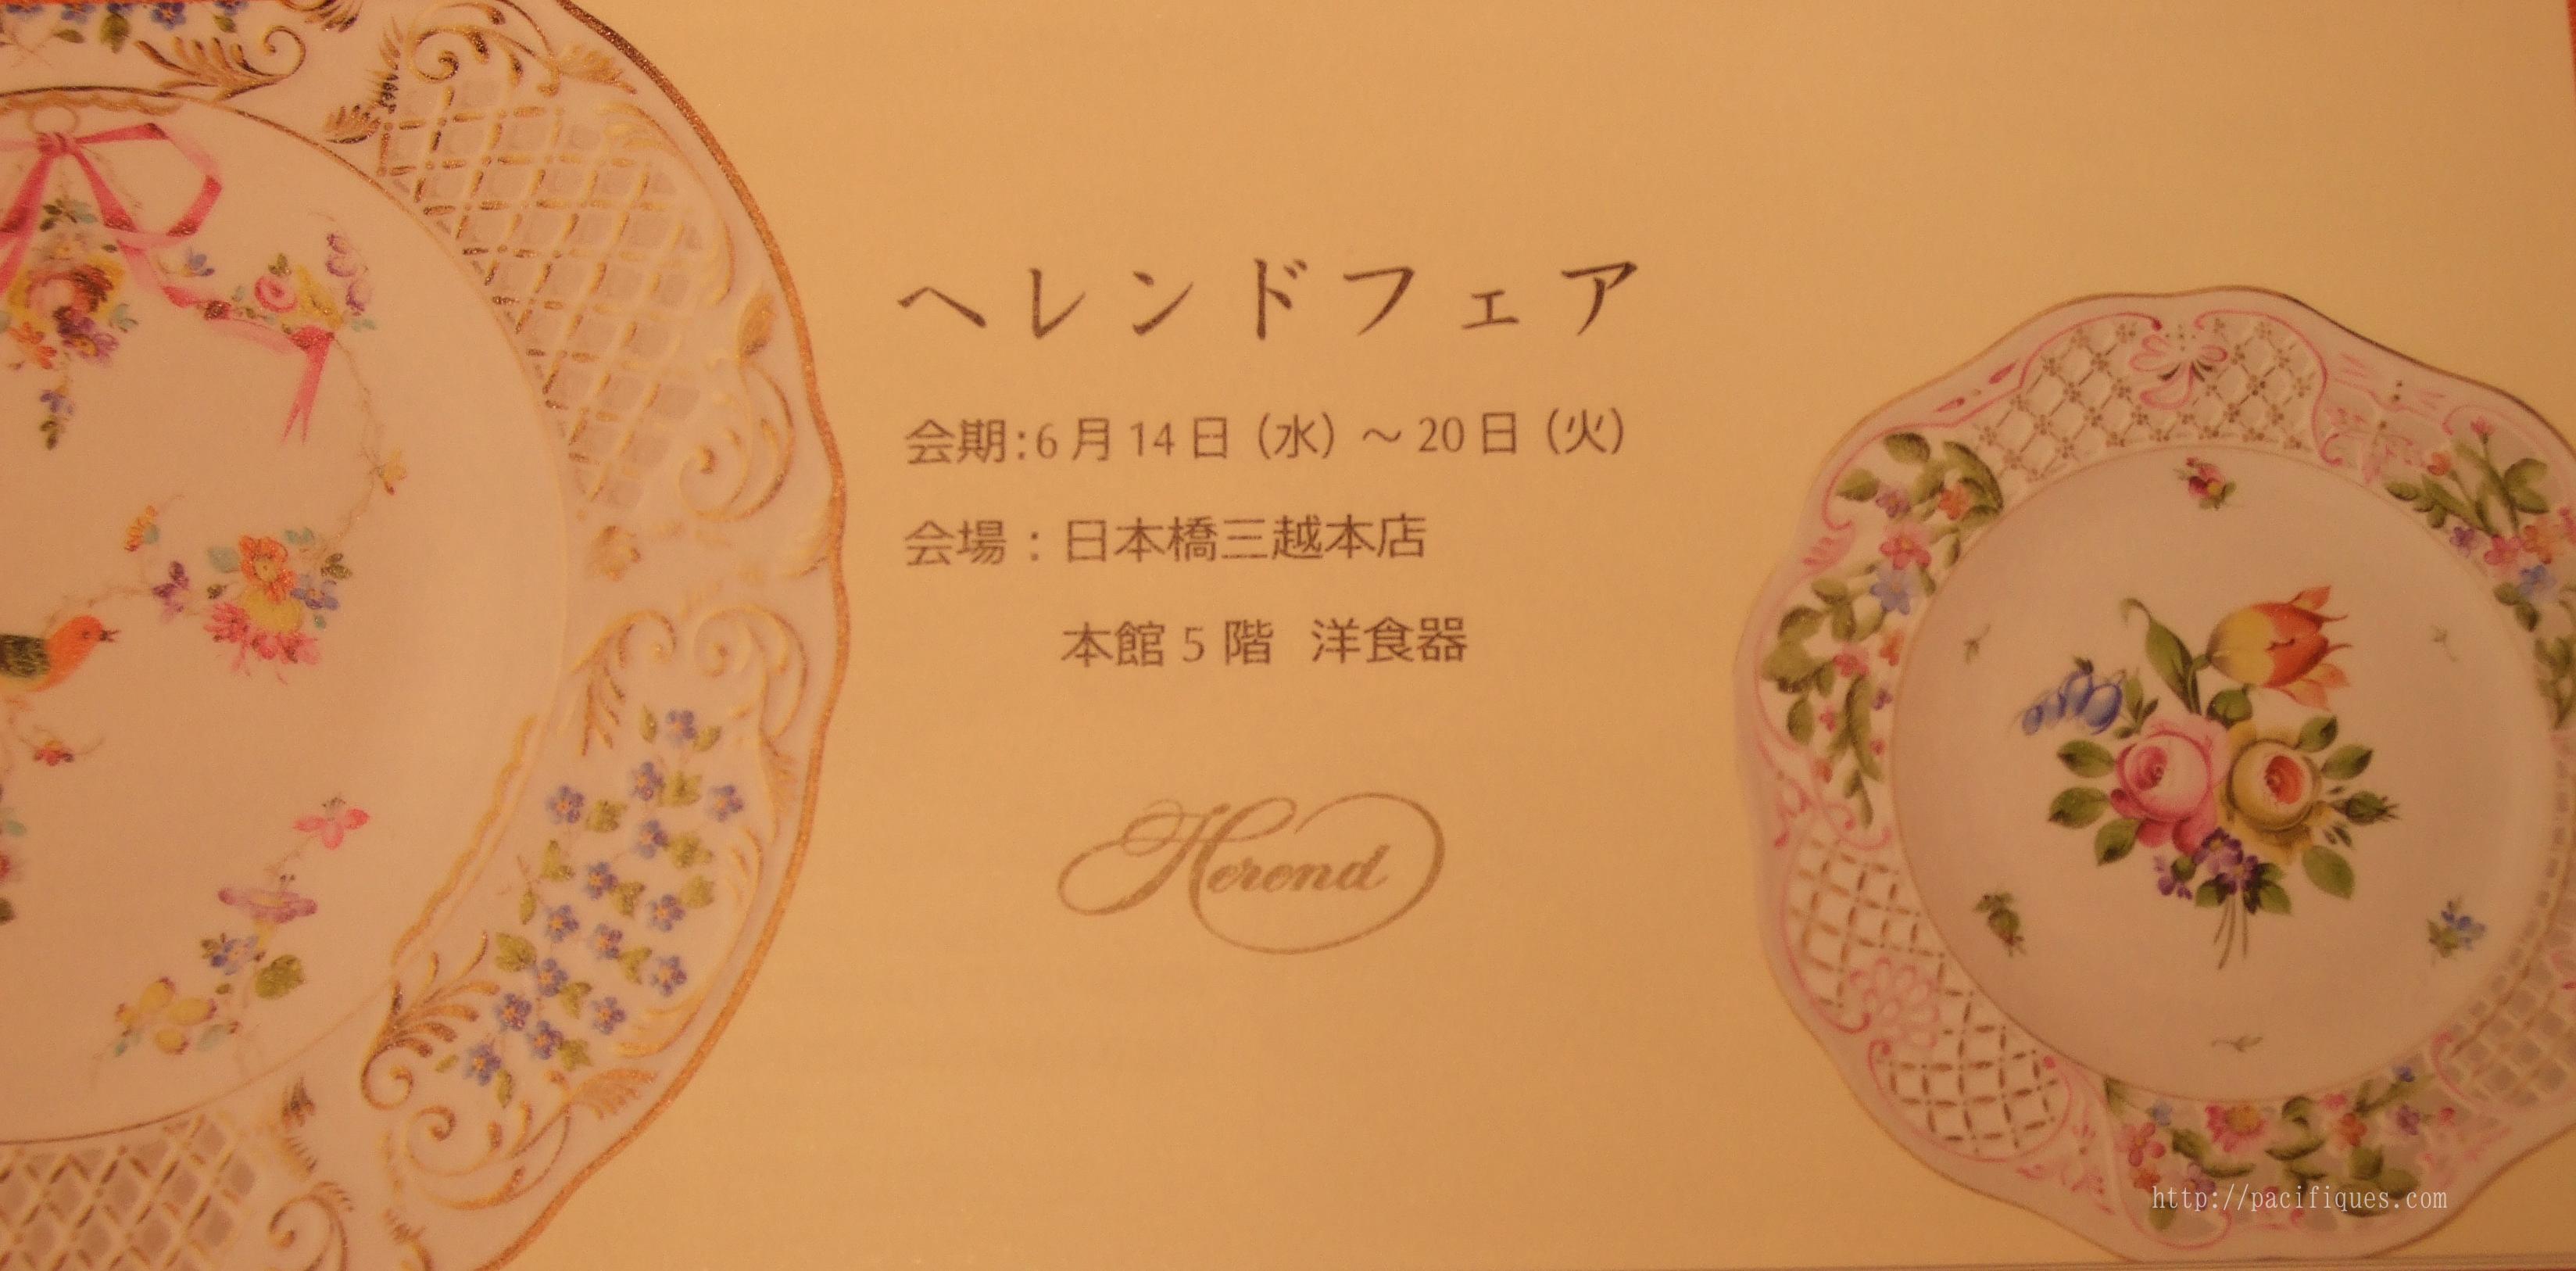 ガルニエ・ティエボー(Garnier Thiebaut)日本橋三越本店ヘレンドフェア1706